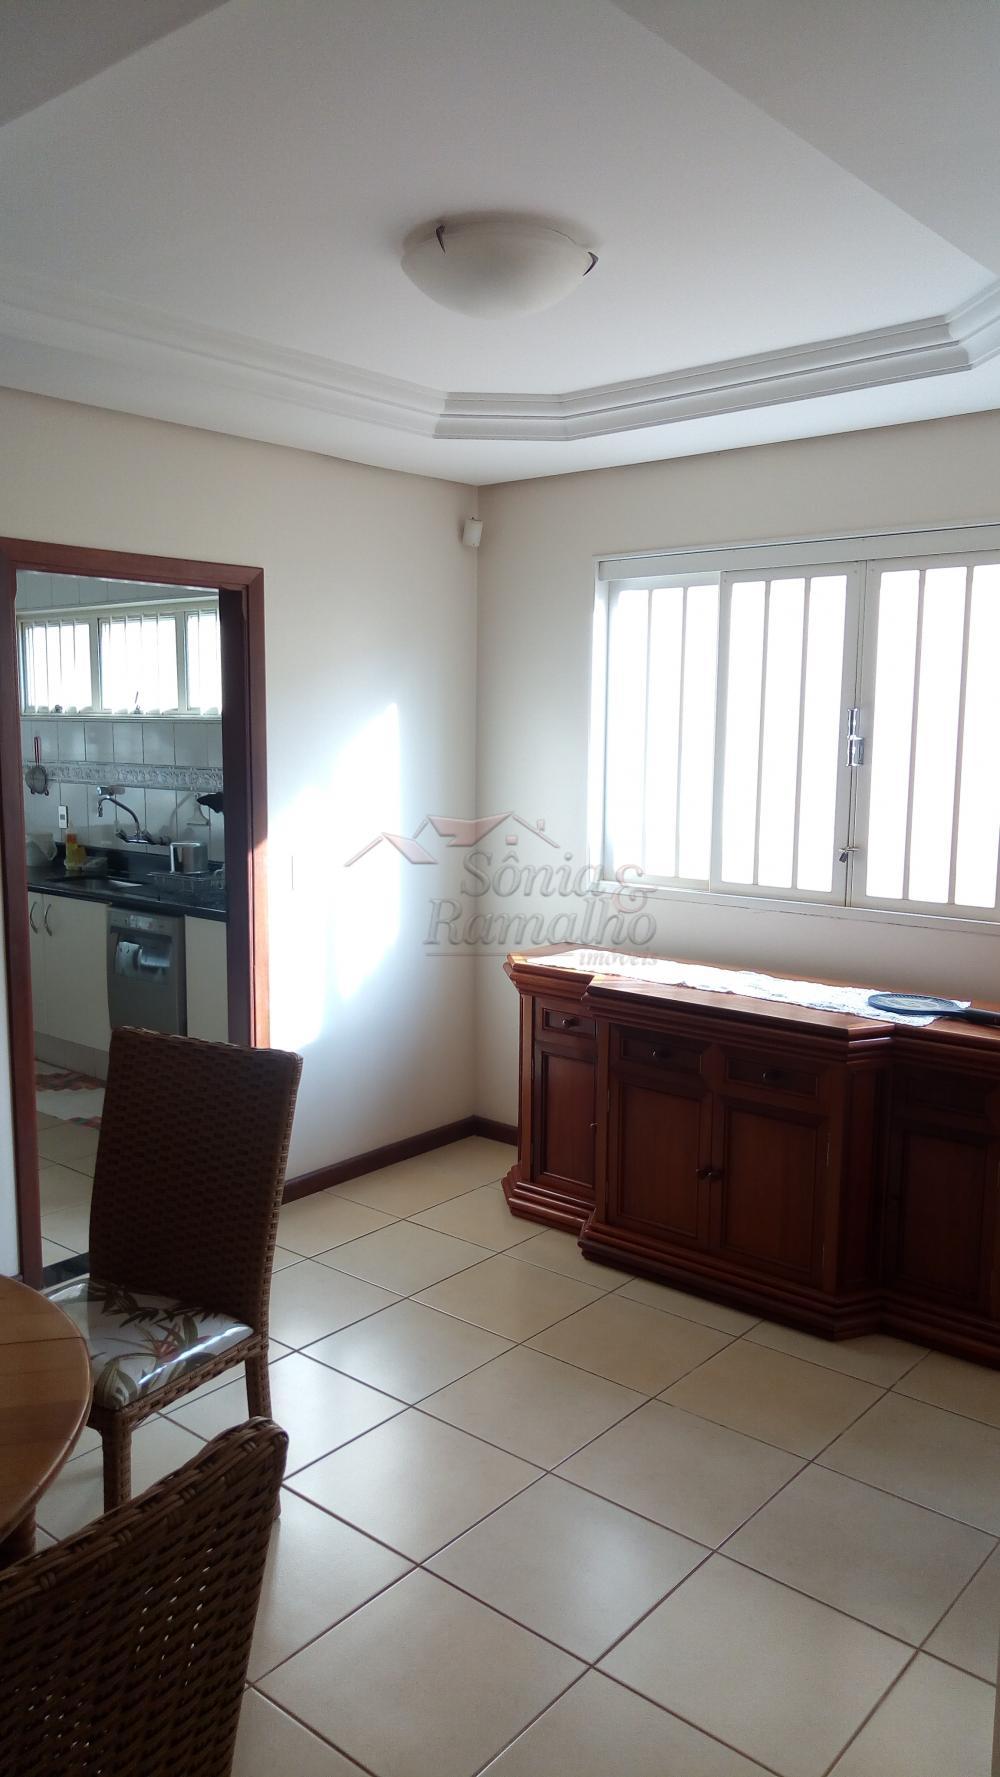 Alugar Casas / Sobrado em Ribeirão Preto apenas R$ 3.800,00 - Foto 6